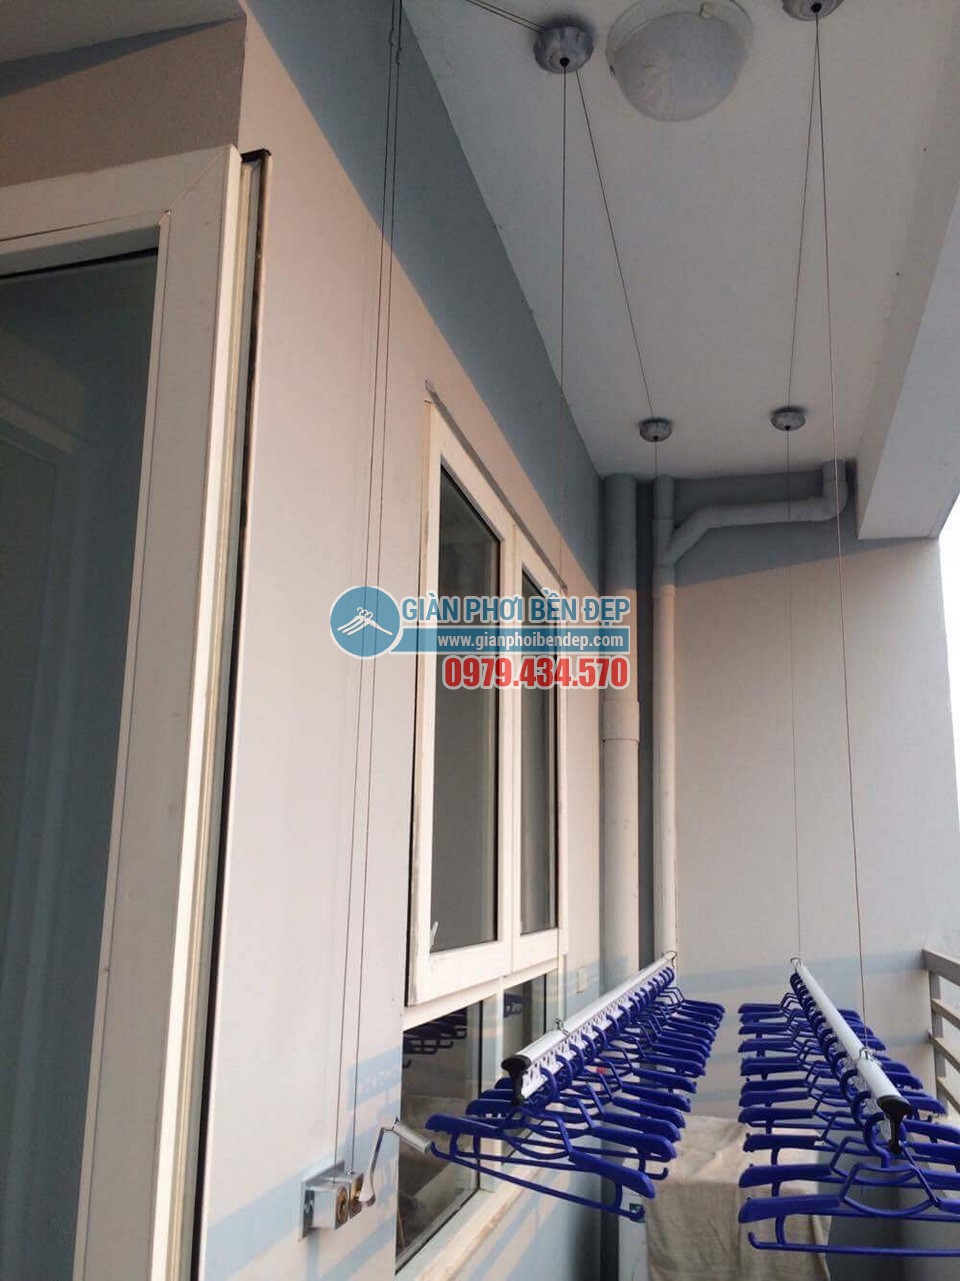 Ngắm ban công đẹp hiện đại nhà chị Thanh, chung cư A14A1 Nam Trung Yên - 05